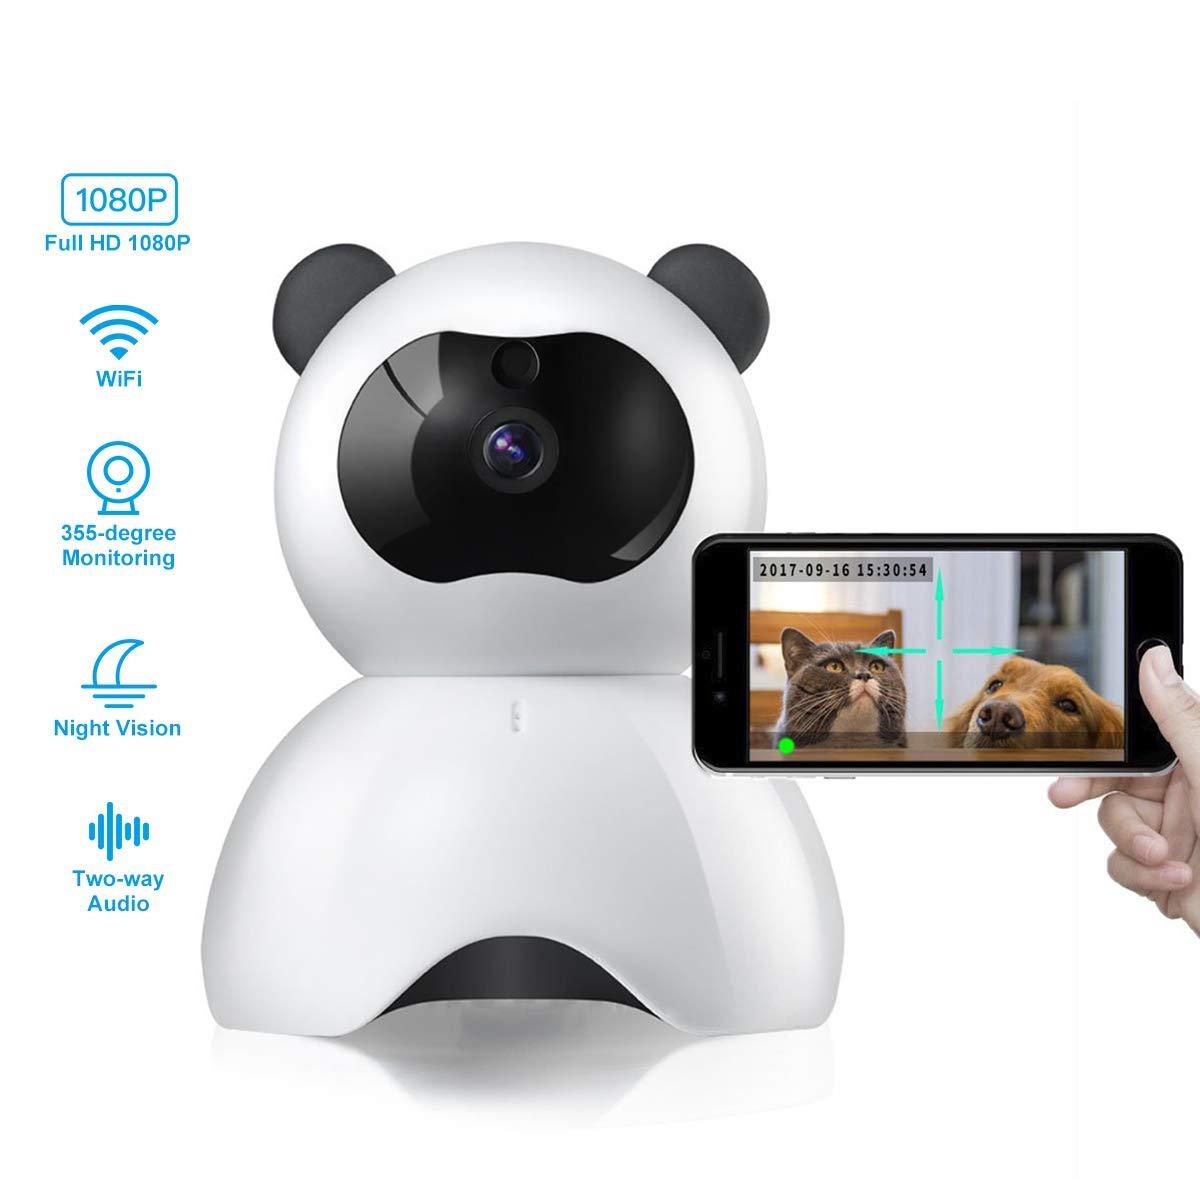 Caméscope Webcam IP 1080P | Caméra intelligente 360, WIFI sans fil, détection de mouvement, Vision nocturne, Angle panoramique à la maison, caméscope amélioré